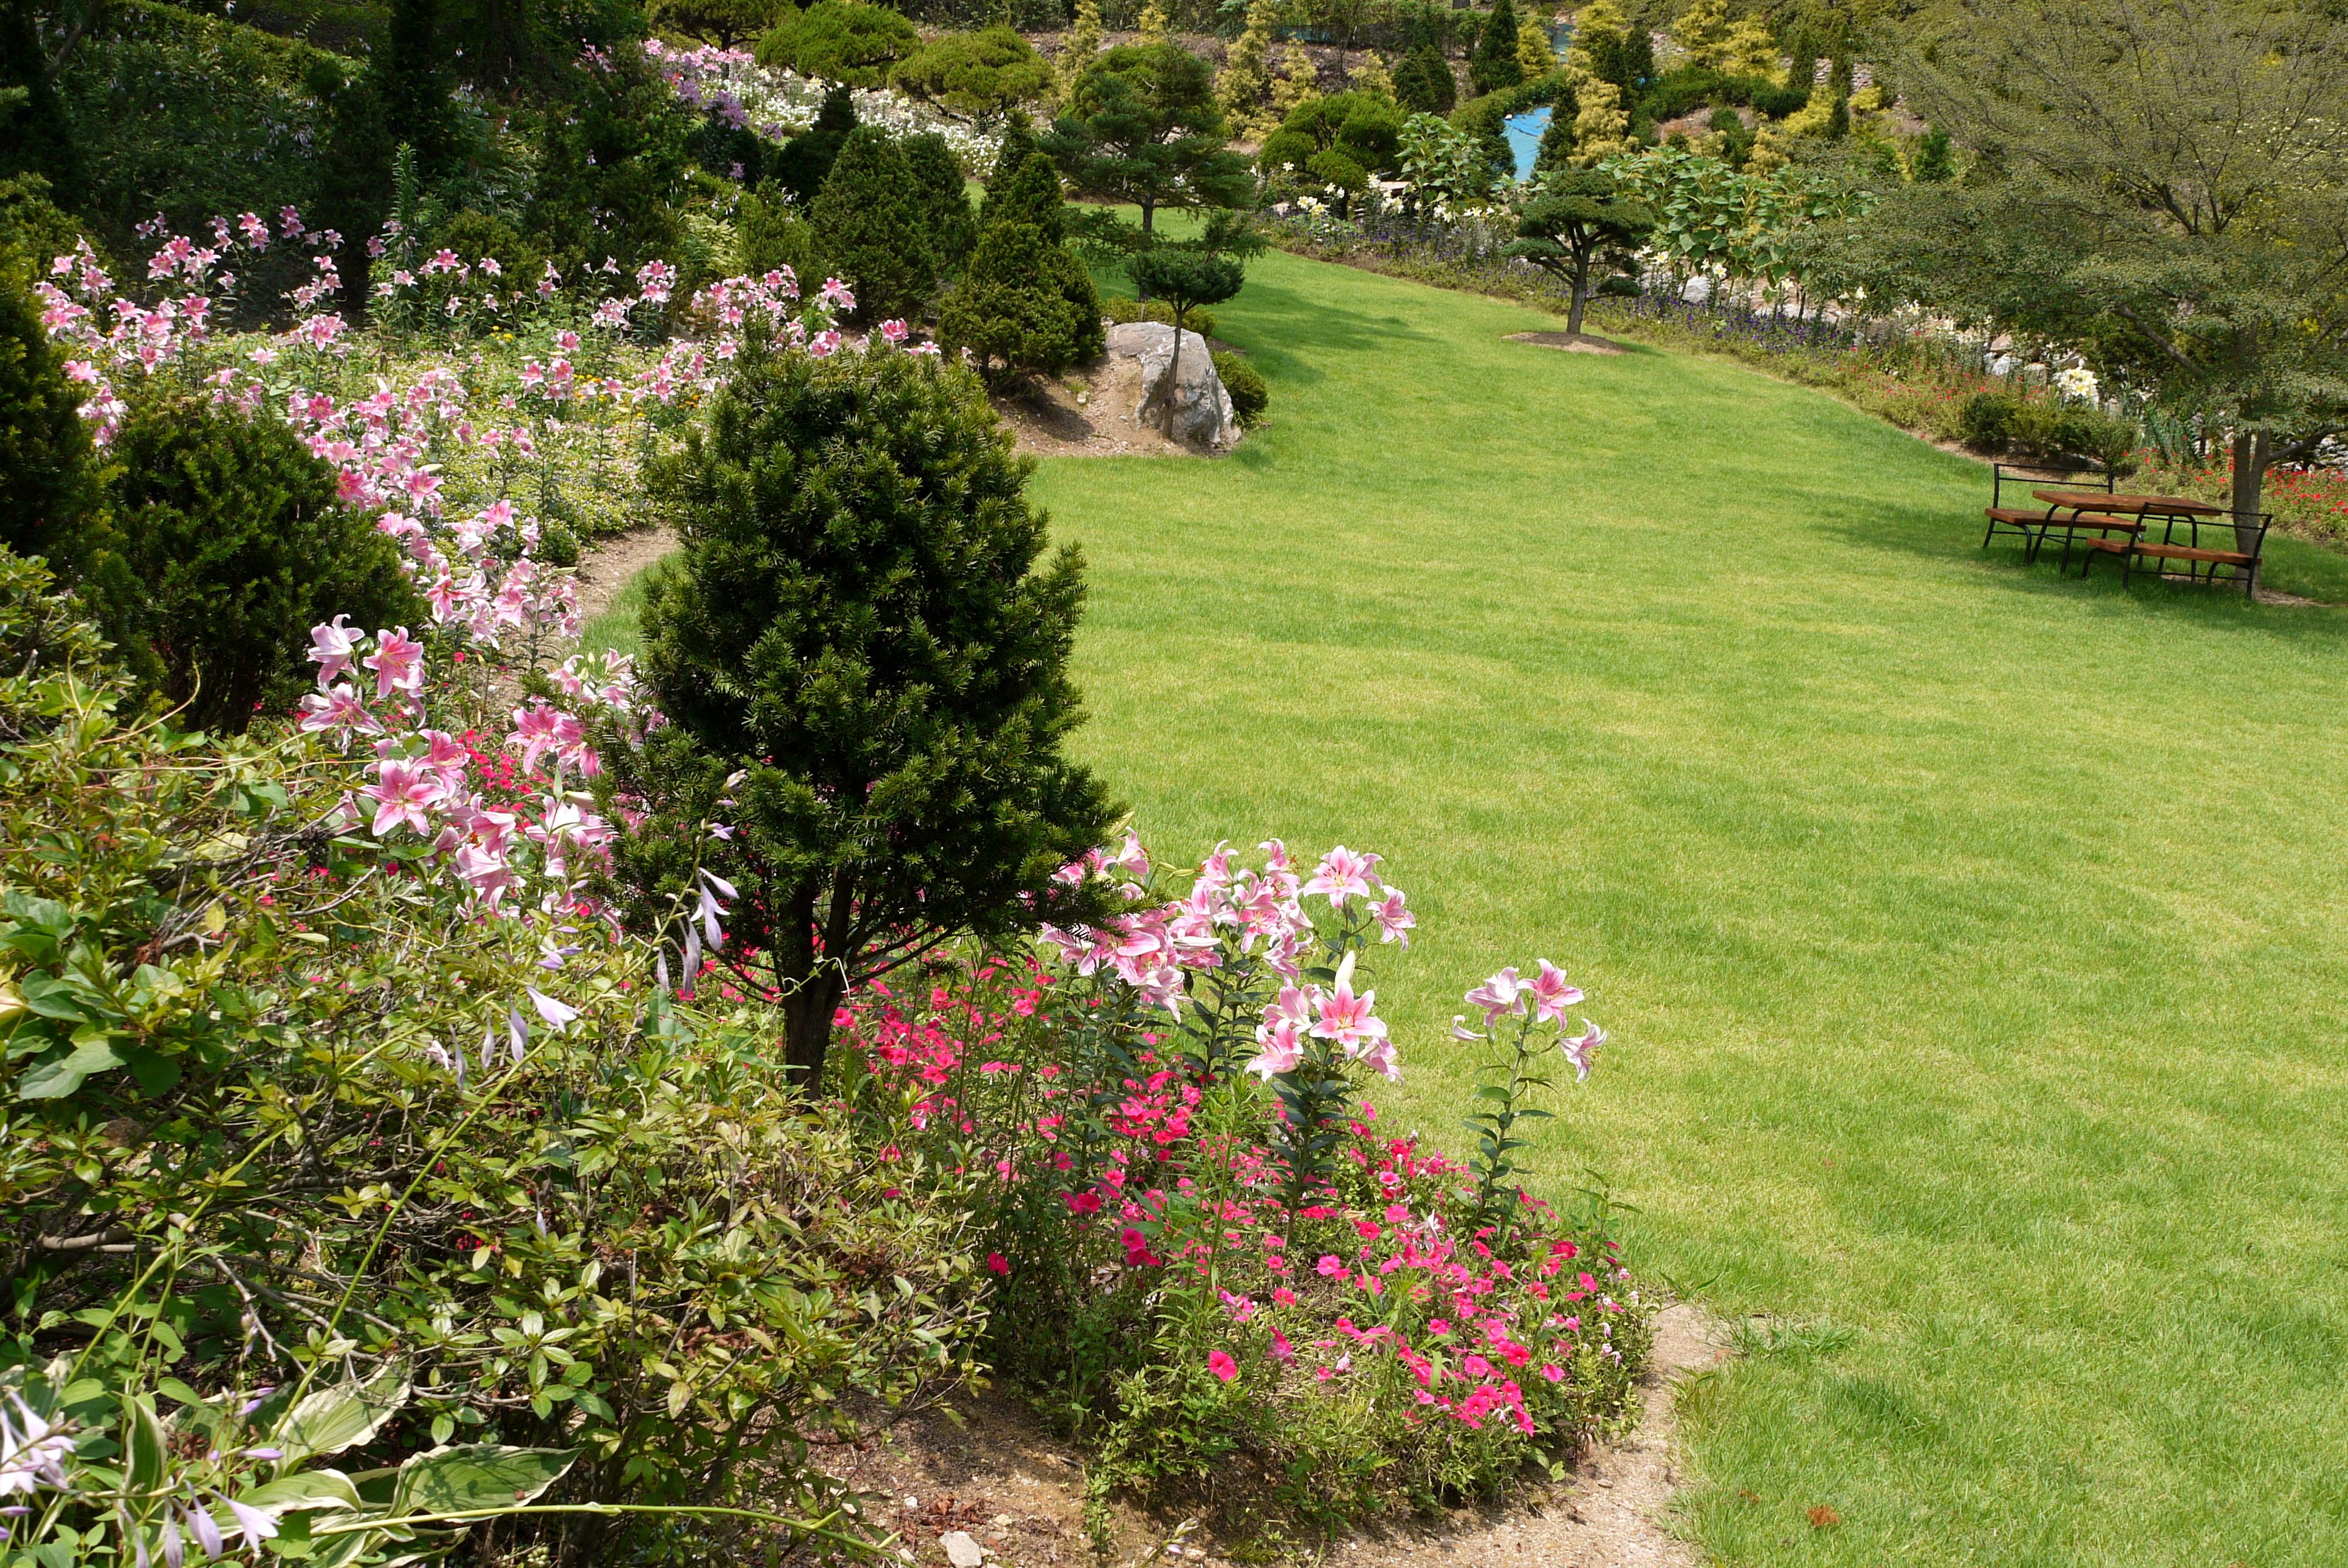 들판 한쪽에 피어있는 꽃들